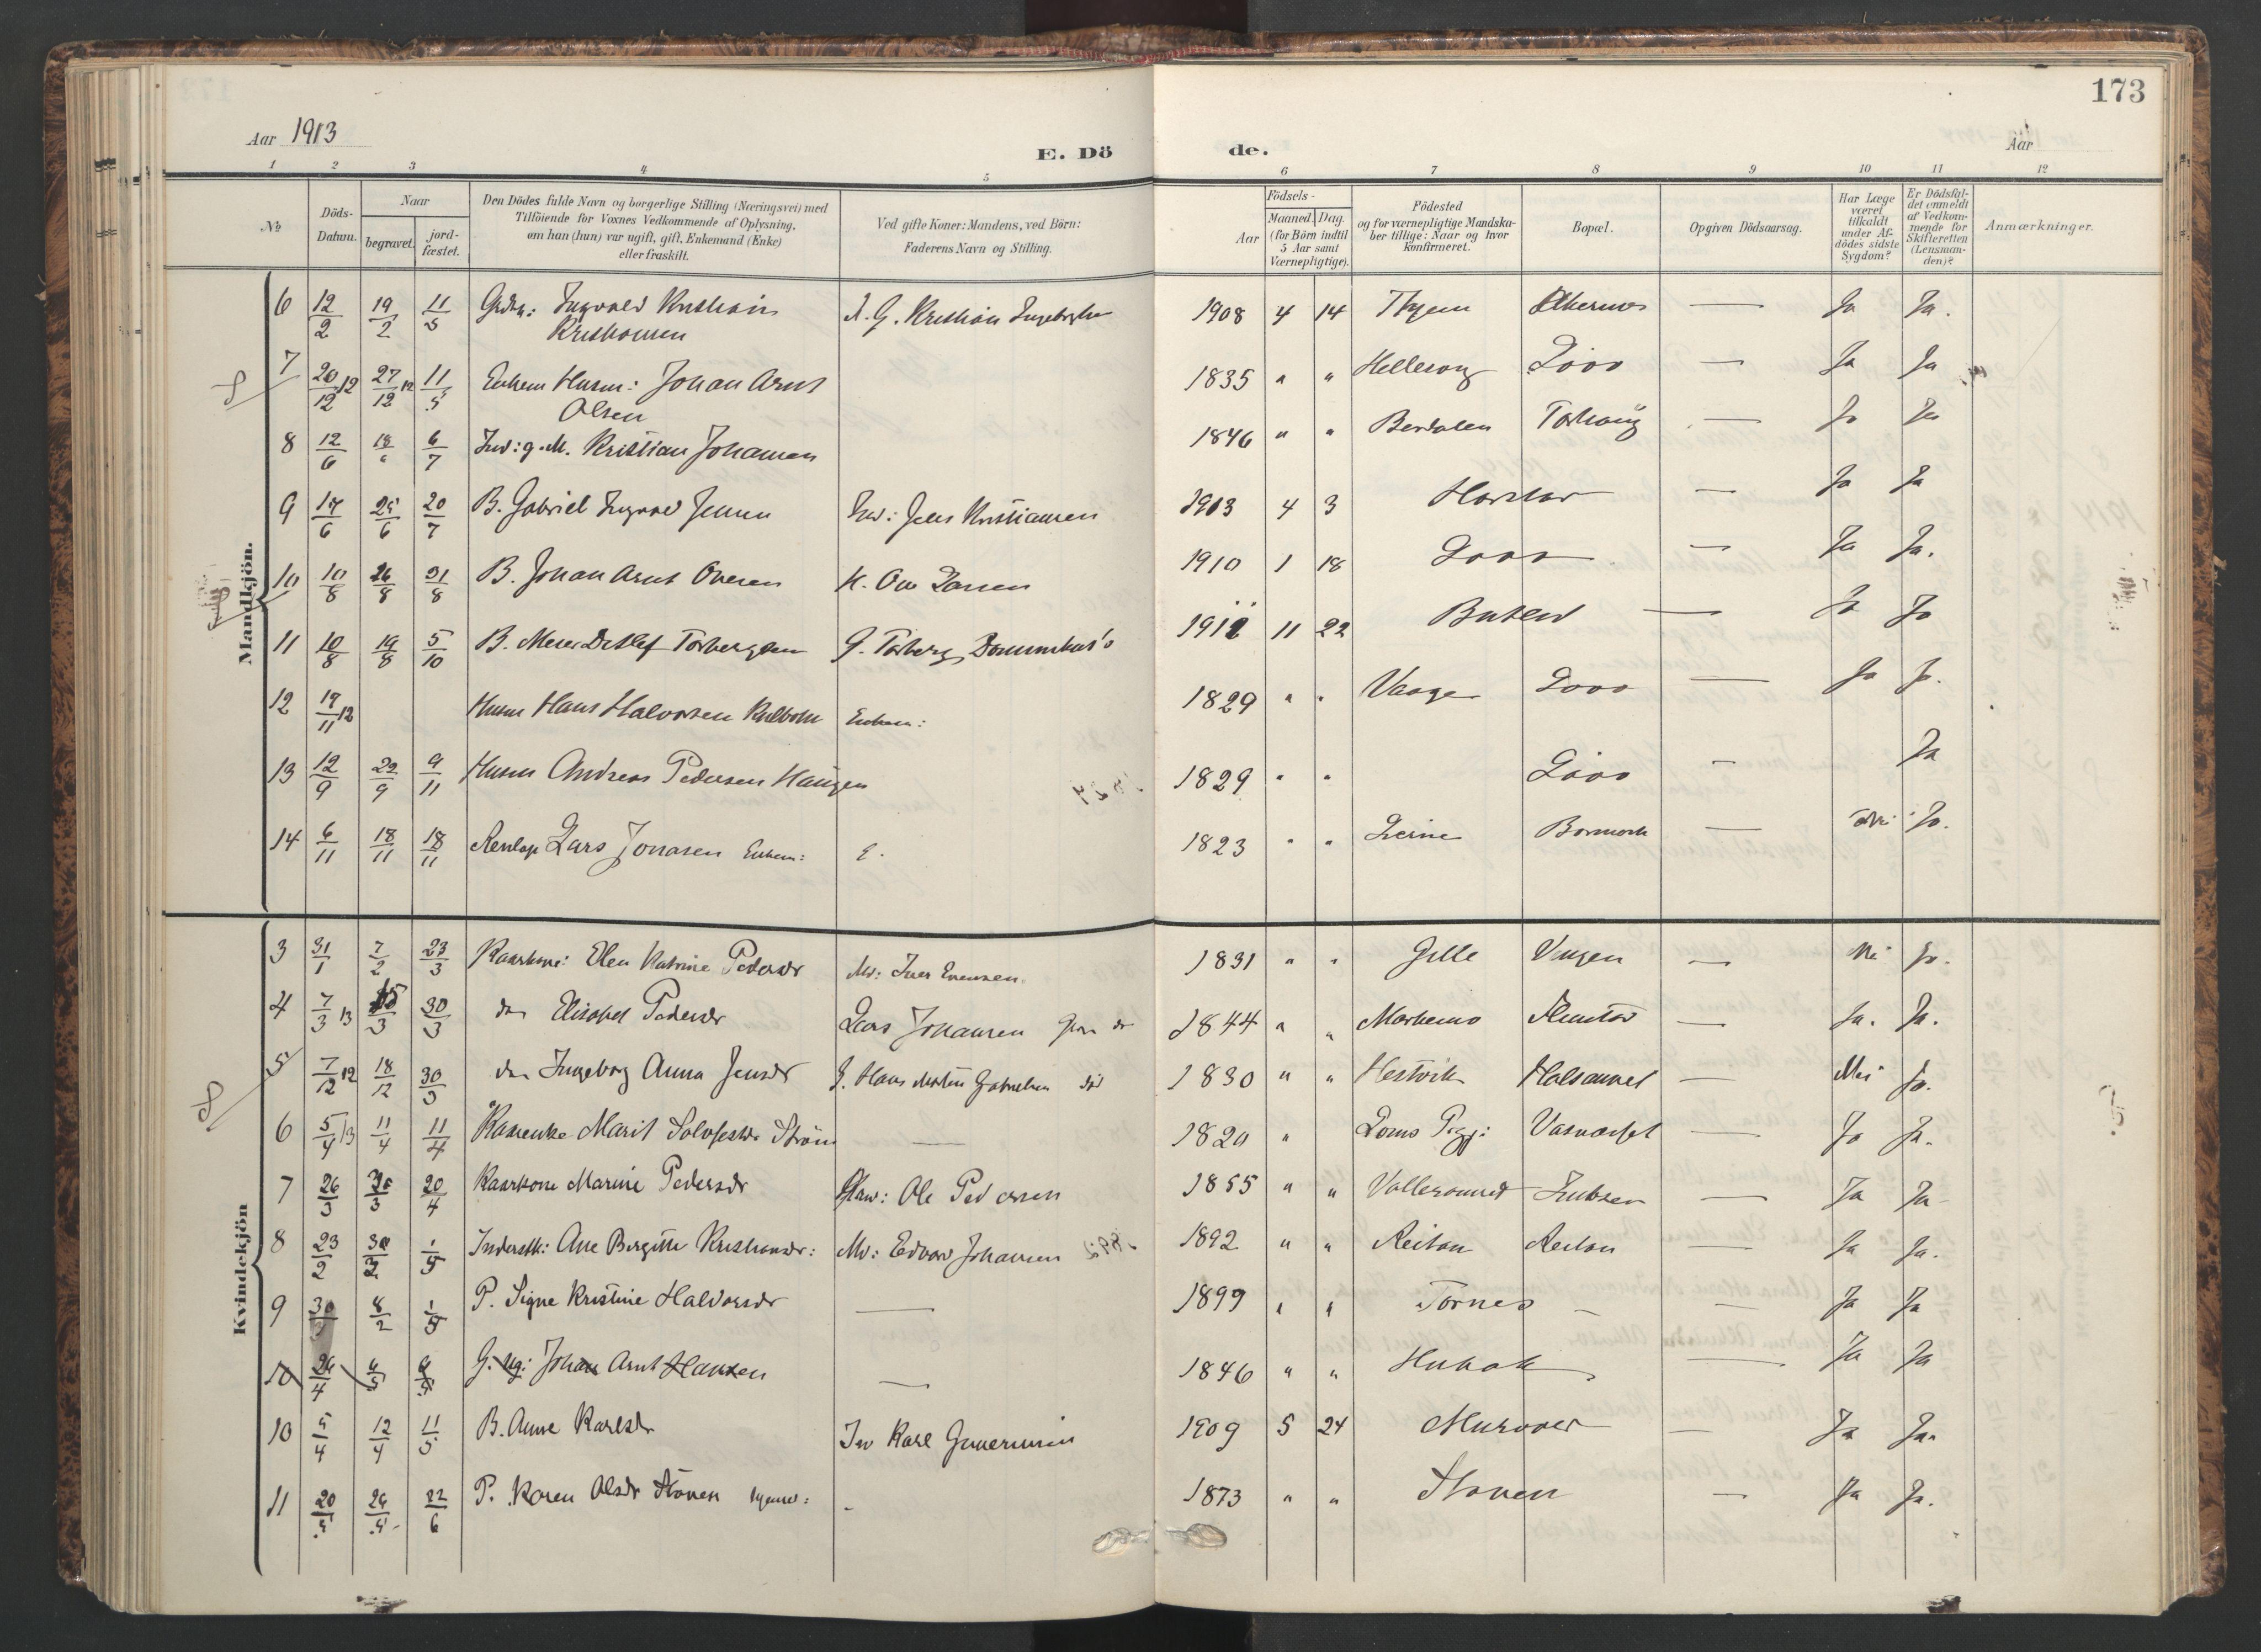 SAT, Ministerialprotokoller, klokkerbøker og fødselsregistre - Sør-Trøndelag, 655/L0682: Ministerialbok nr. 655A11, 1908-1922, s. 173